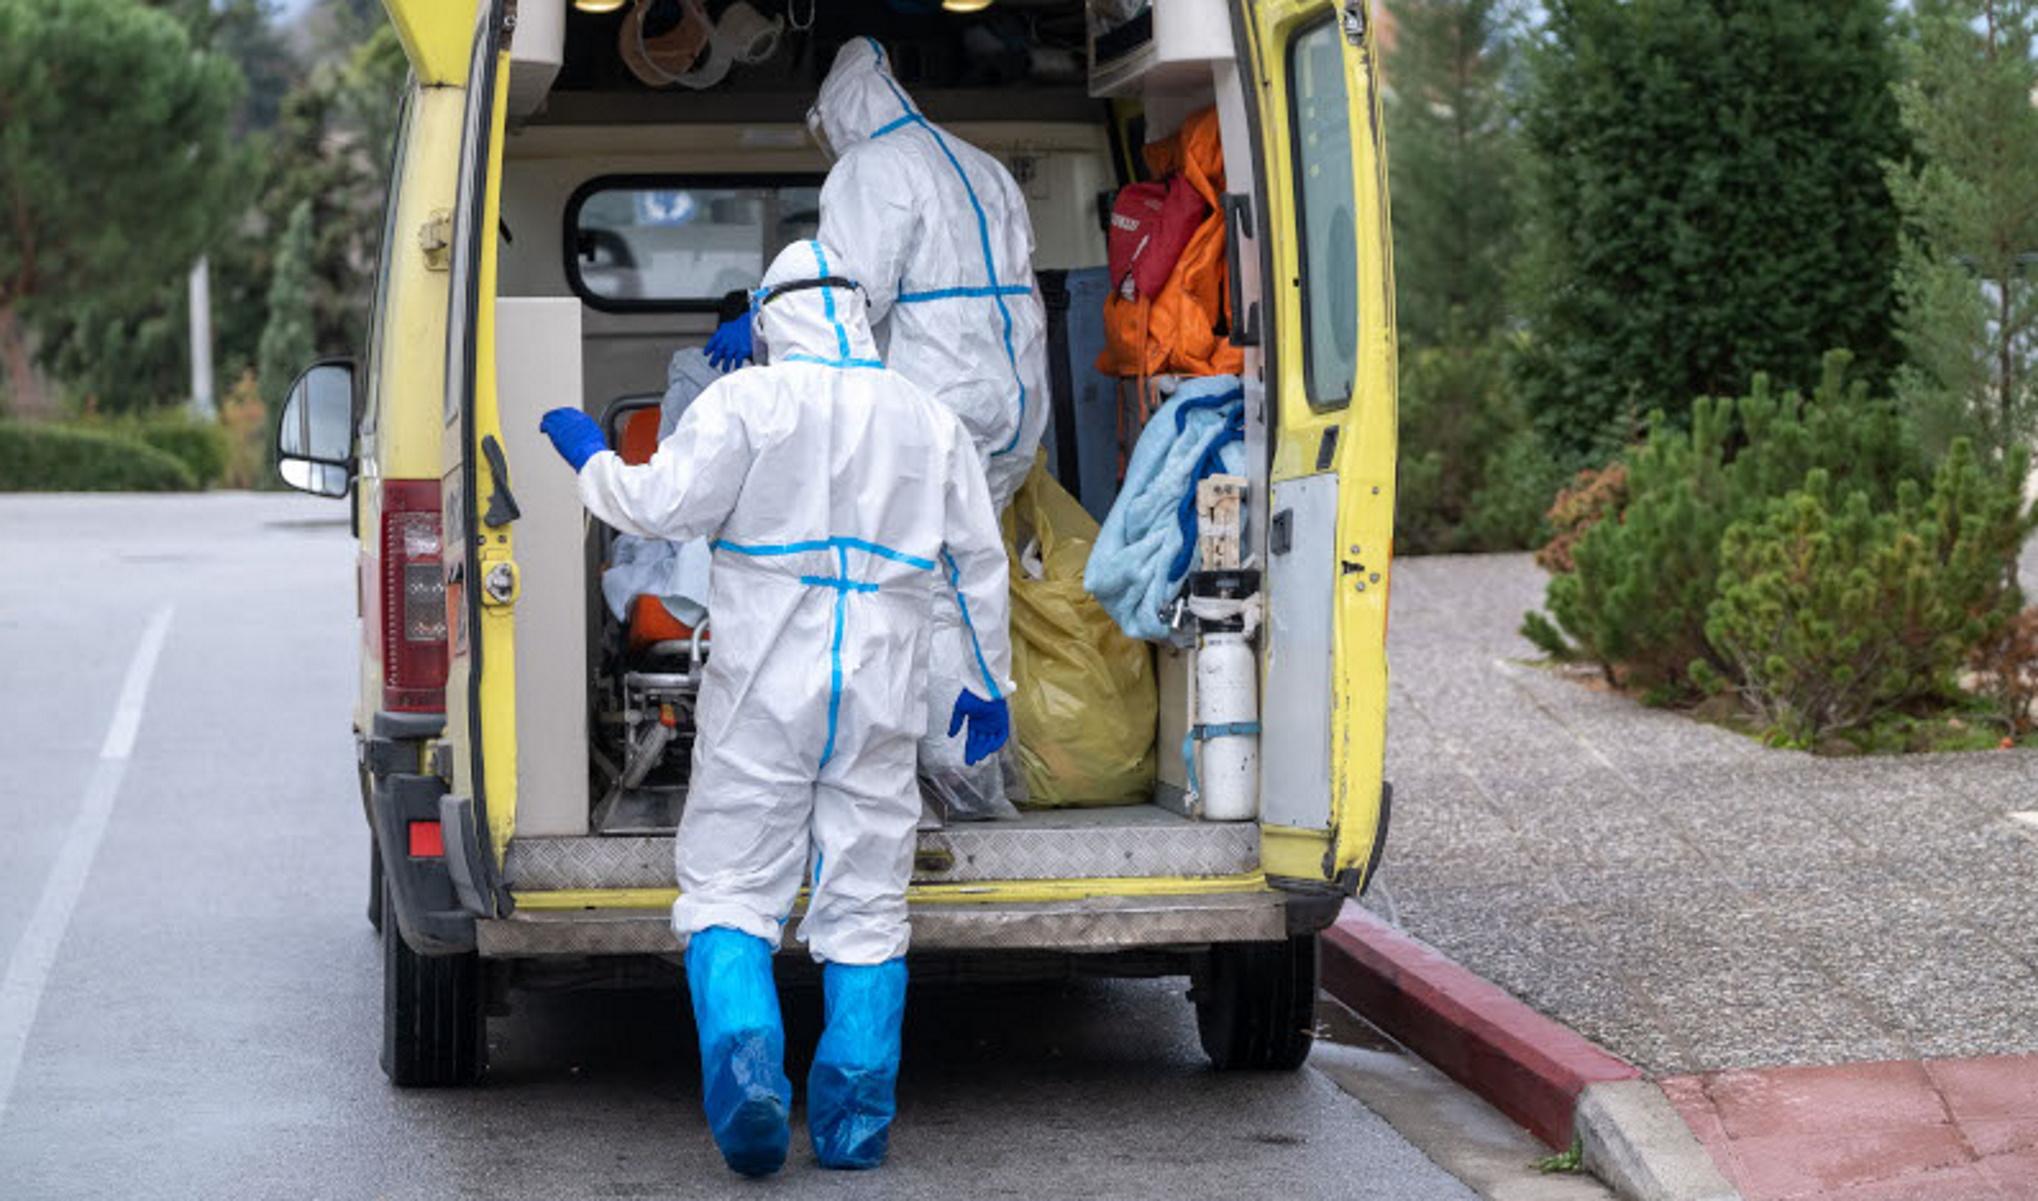 Τραγωδία στη Ραφήνα:  Μητέρα και κόρη πέθαναν από κορονοϊό μέσα σε λίγες μέρες